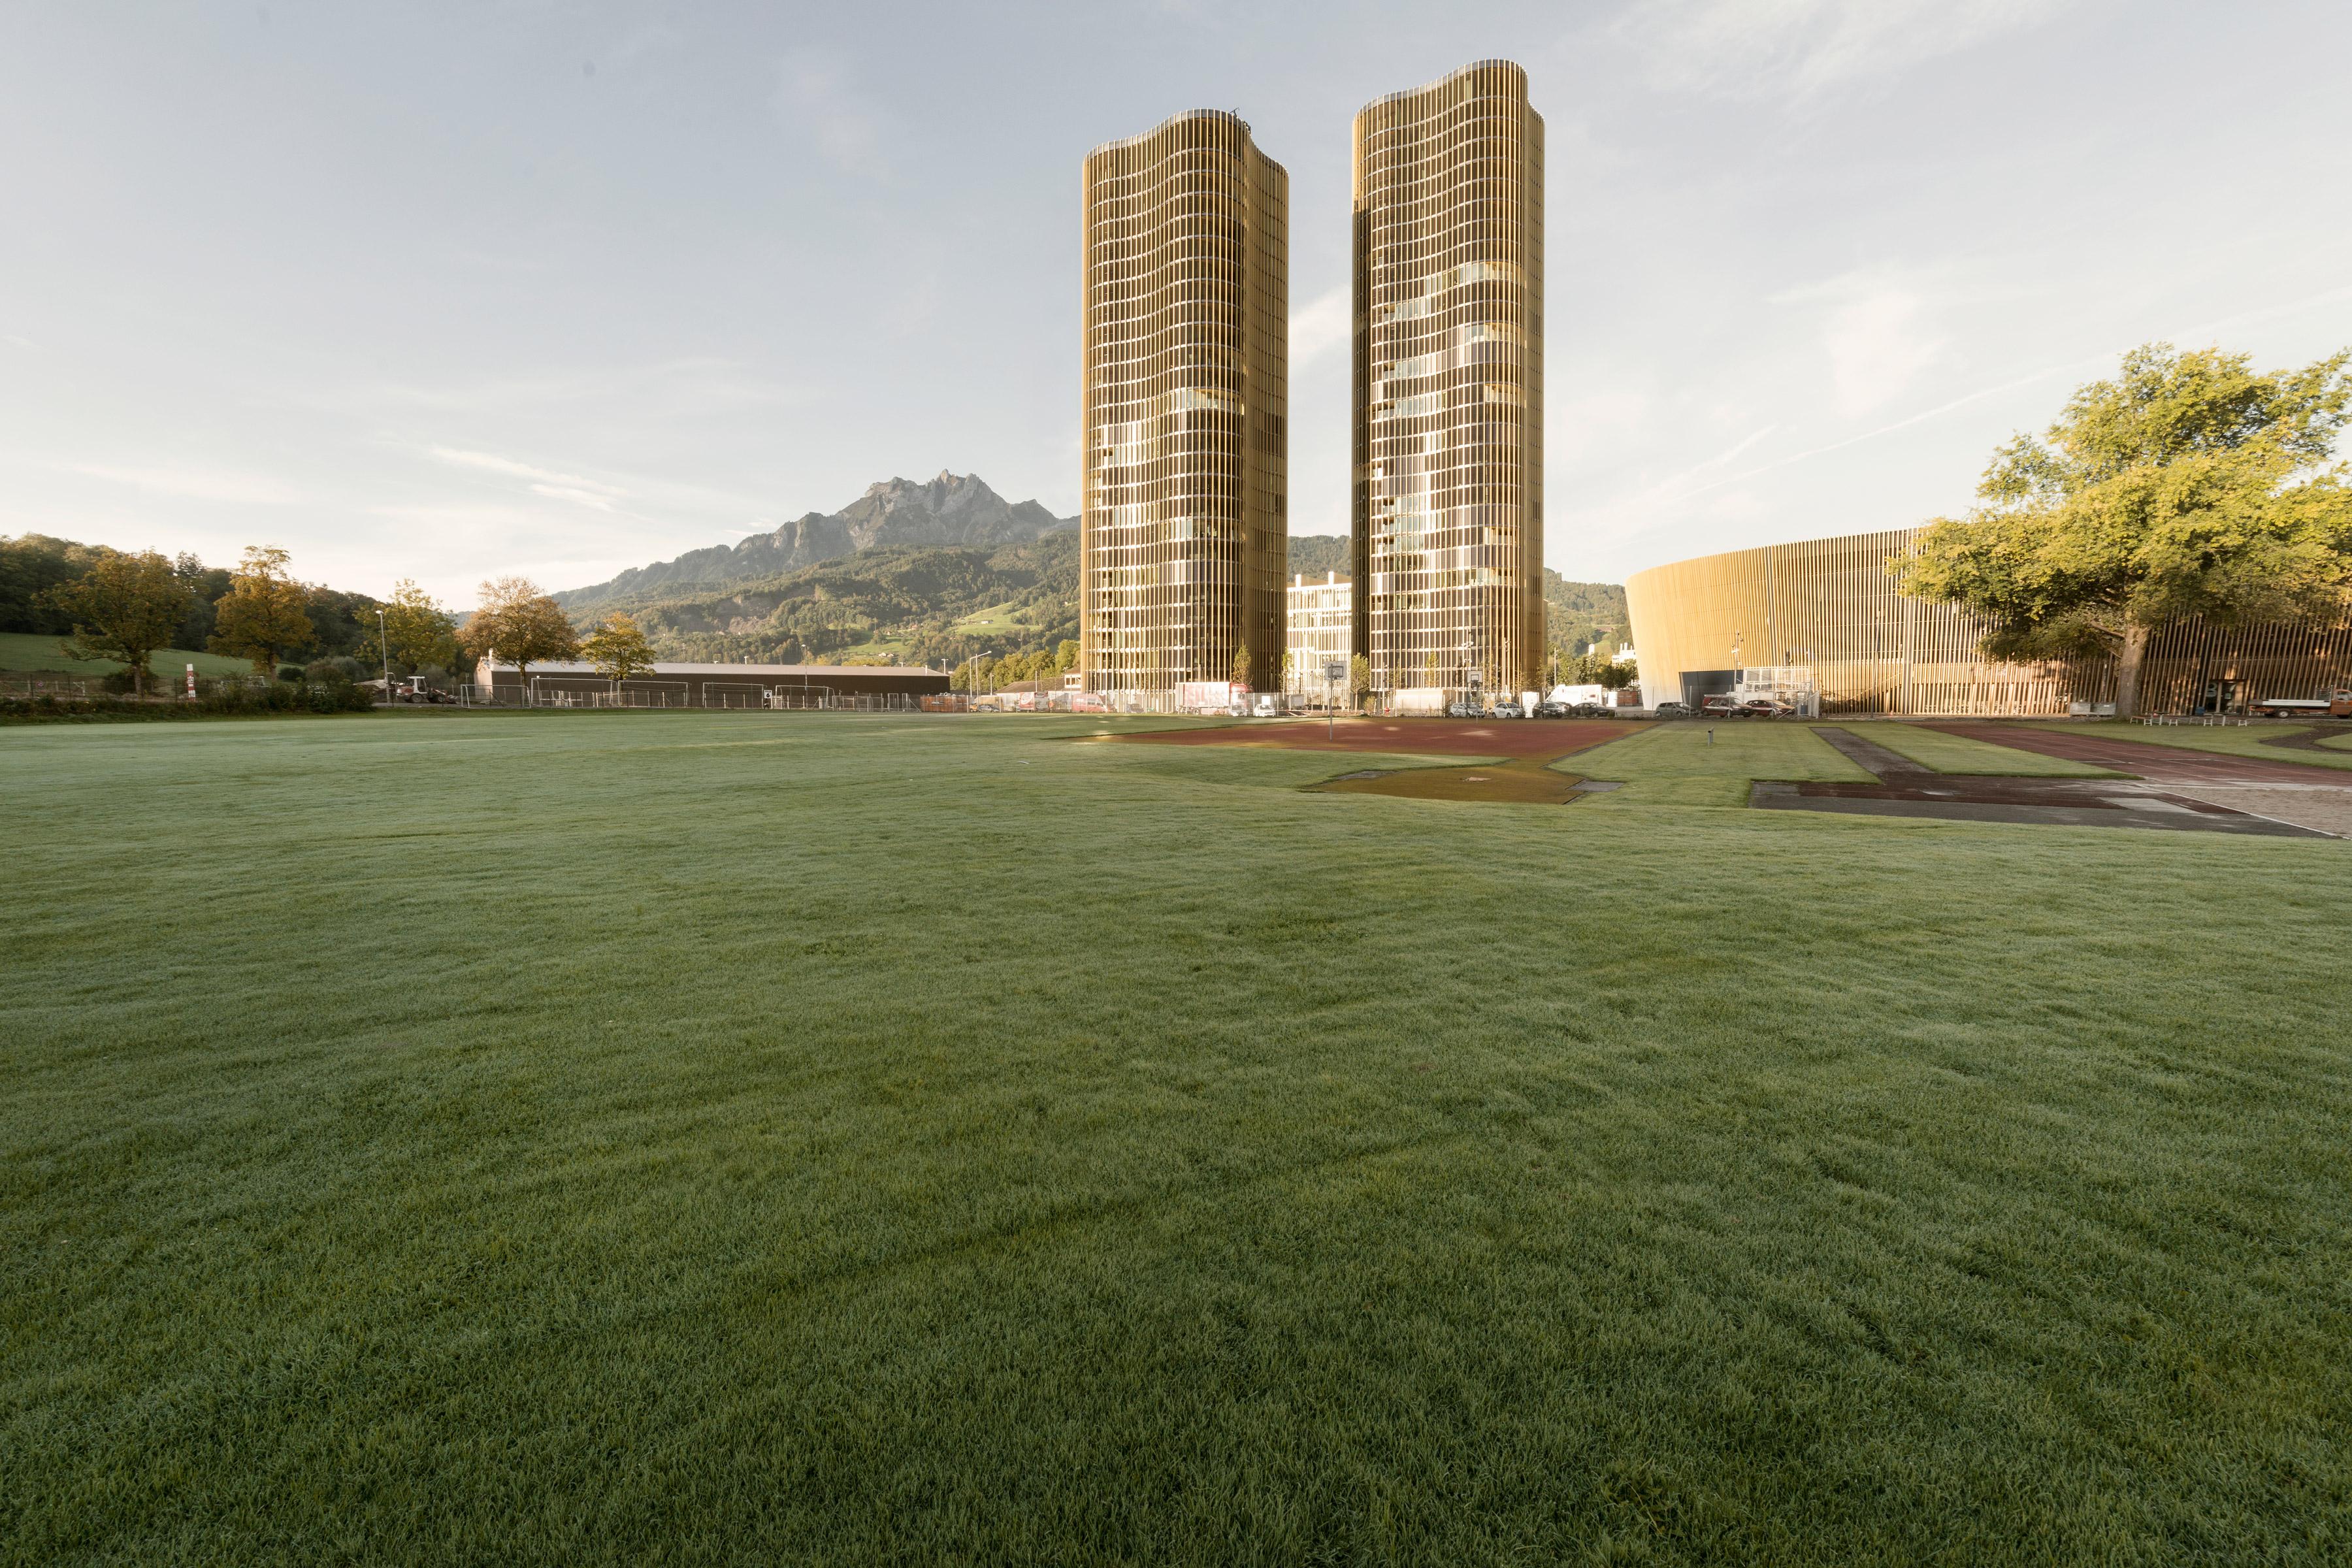 Architecture photo about Swissporarena building stadion Luzern